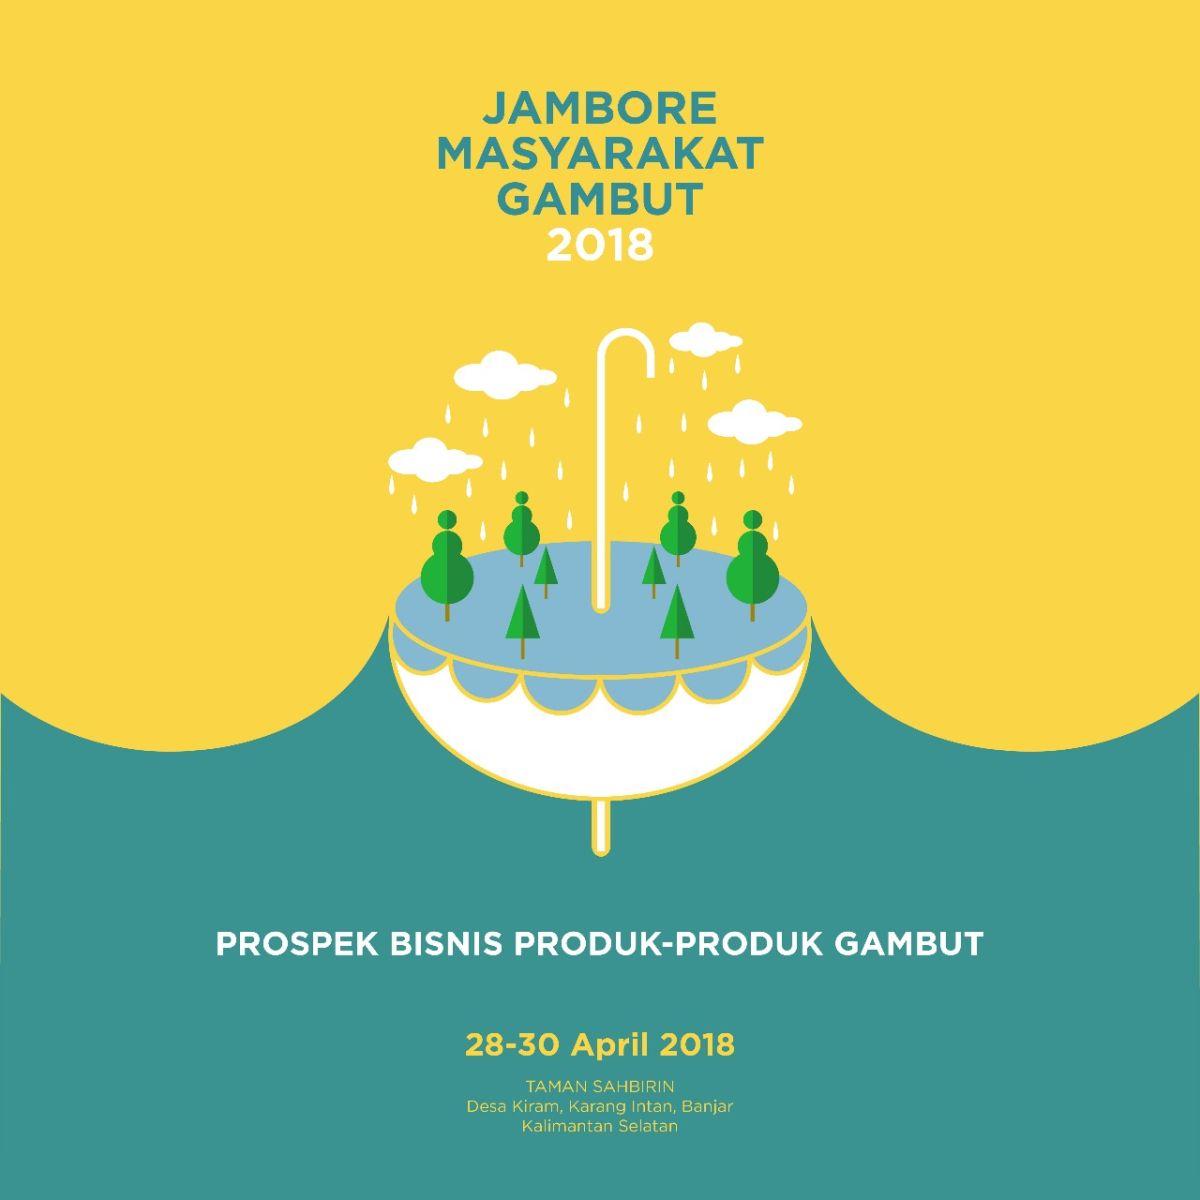 Jambore Masyarakat Gambut Dirayakan di Kalsel 28-30 April